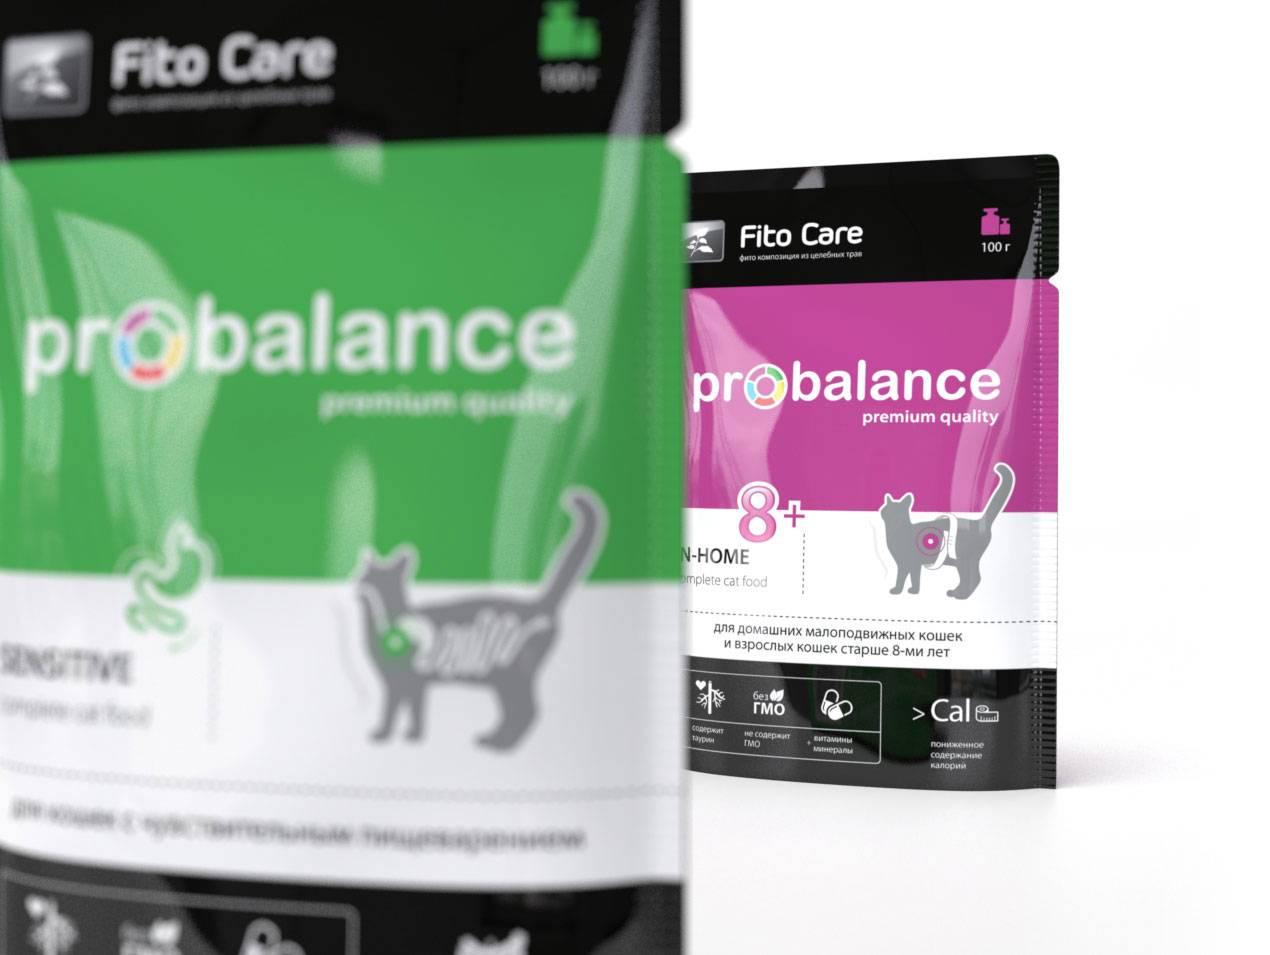 Обзор на корм для собак probalance (пробаланс): состав, отзывы, цена